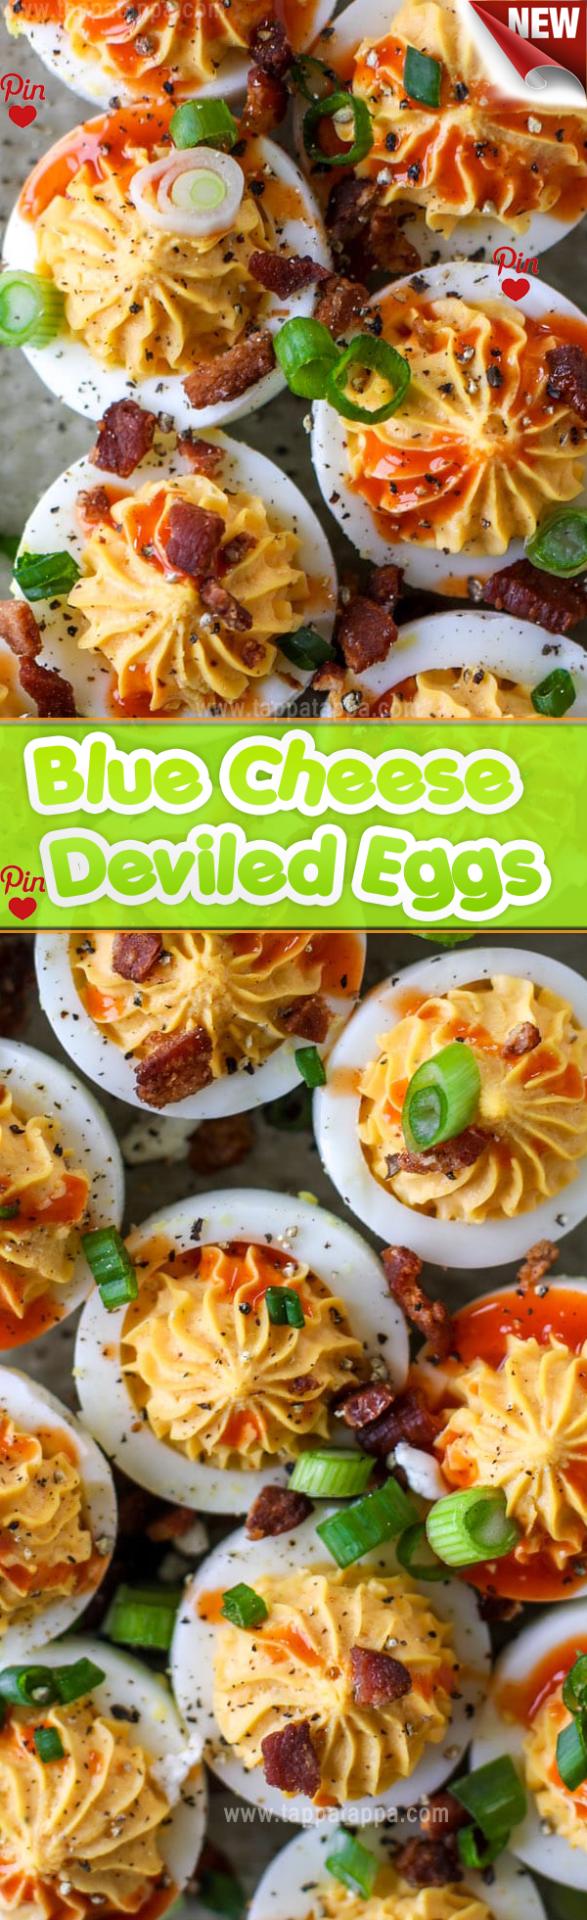 Buffalo Blue Cheese Deviled Eggs Rezept Nicht, dass ich sie jemals gegessen hätte. Schon jetzt, da